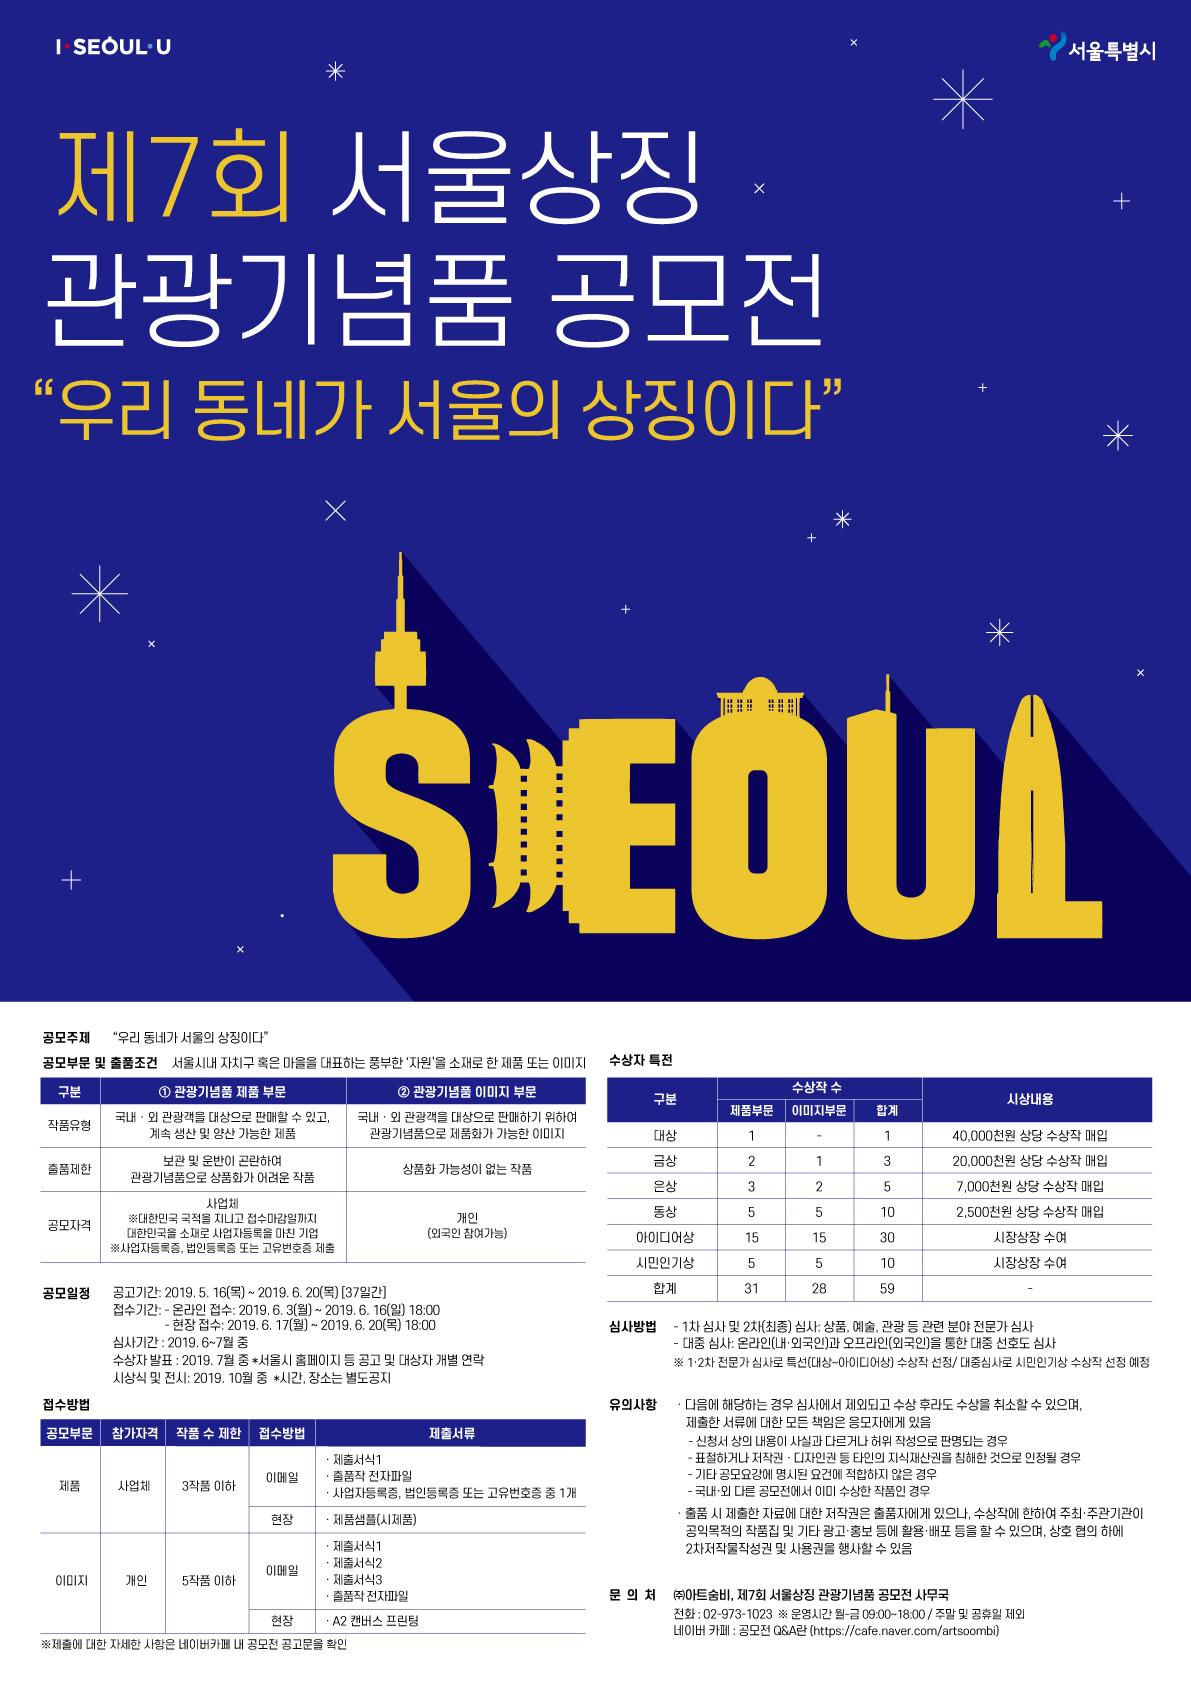 [서울특별시]제7회 서울상징 관광기념품 공모전 (~06/16)